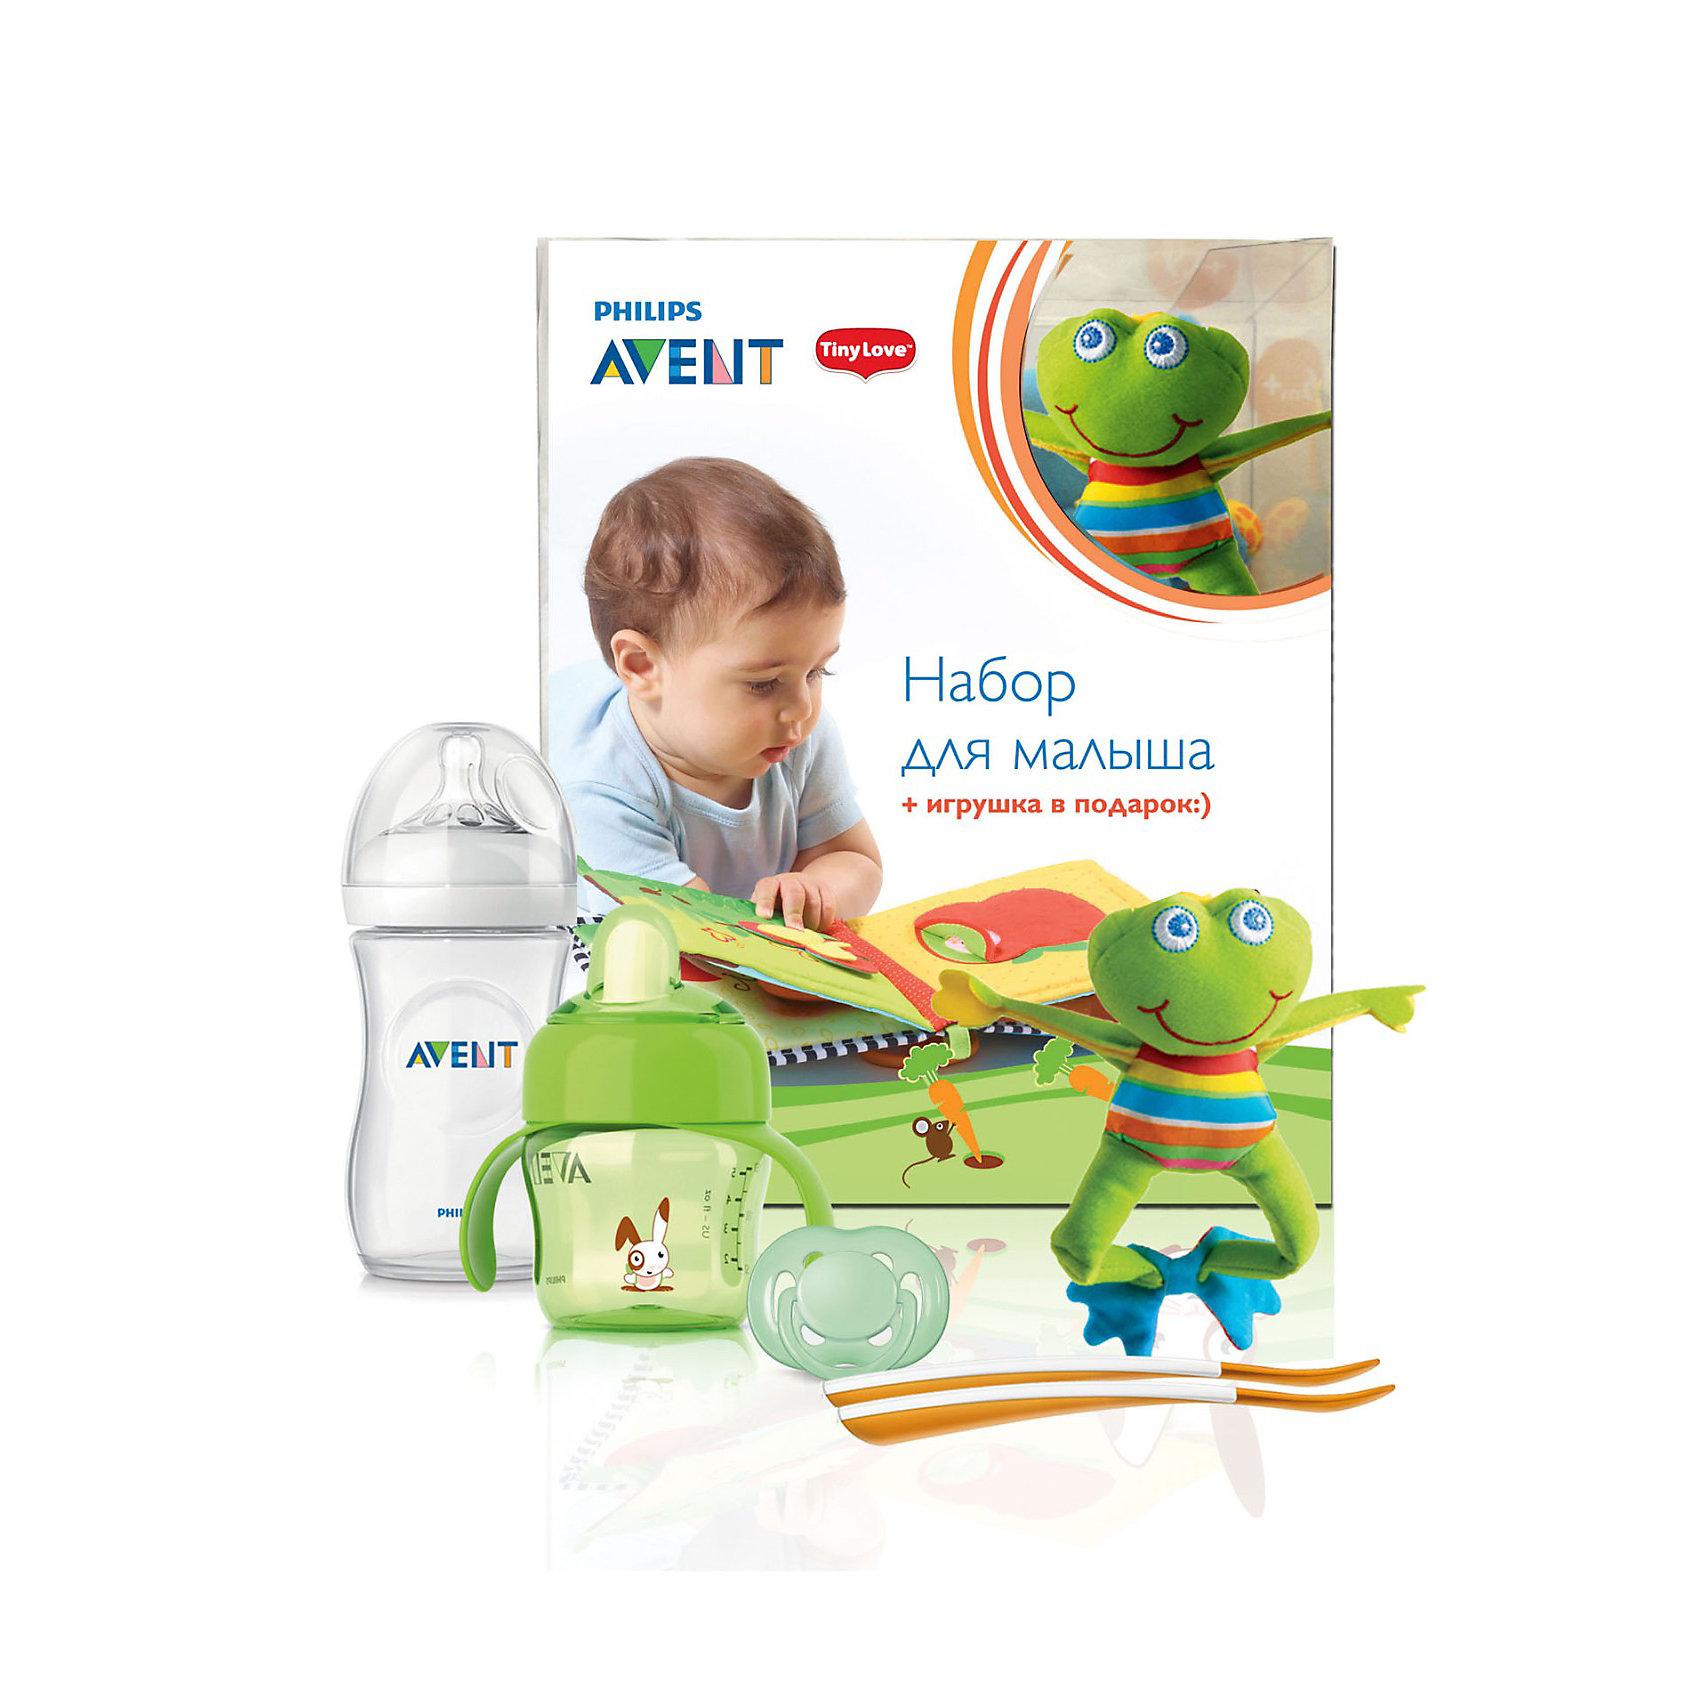 Набор для малыша с игрушкой, AVENT, зелёныйИдеи подарков<br>Набор для малыша AVENT (Авент) с игрушкой, зеленый - превосходный комплект для новорожденного и растущего малыша! <br><br>В состав набора входит:<br>1. Пустышка силиконовая FREEFLOW (ФриФлоу) 6-18 мес. BPA-Free, 1 шт. -  сочетает в себе ортодонтические свойства, которые учитывают строение и естественное развитие неба, зубов и десен ребенка, а изогнутый ободок FreeFlow (ФриФлоу) имеет 6 вентиляционных отверстий, что помогает предотвратить раздражение чувствительной кожи малыша<br><br>2. Развивающая игрушка Лягушонок Френки, 1 шт. Мягкая погремушка с шуршащими лапками и вибрирующим эффектом при растягивании. Если игрушку потрясти — раздастся характерный для погремушки звук. Размер игрушки (без клипсы): 13х14х17 см<br><br>3. Бутылочка для кормления. Серия Natural (Натурал), 260 мл, 1 шт. Благодаря инновационному дизайну малышу теперь легче захватить соску, а его сосательные движения будут такими же, как при кормлении грудью. Инновационный двойной клапан снижает вероятность колик, так как воздух поступает в бутылочку, а не в животик малыша. Материалы: полипропилен, не содержит бисфенол-A.<br><br>4. Чашка-поильник с носиком, 200 мл, 1 шт. Мягкий герметичный носик с запатентованным клапаном внутри контролирует поток, предотвращая проливание, даже если емкость с жидкостью переворачивается<br>Полностью совместима со всеми чашками и бутылочками AVENT (Авент). Можно мыть в посудомоечной машине, можно стерилизовать. Изготавливаются из полипропилена и силикона, не содержат бисфенол-А.<br><br>5. Ложки для введения прикорма, 2шт. Длинная нескользящая  ручка (длина ложки: 15,5 см) идеальна для рук взрослого и для кормления из глубоких емкостей. В комплекте: 2 ложки. Материалы: полипропилен, не содержат бисфенол-А.<br><br>Набор для малыша AVENT с игрушкой, зелёный можно купить в нашем магазине.<br><br>Ширина мм: 200<br>Глубина мм: 106<br>Высота мм: 245<br>Вес г: 478<br>Цвет: зеленый<br>Возраст от месяцев: 0<br>Возраст до м